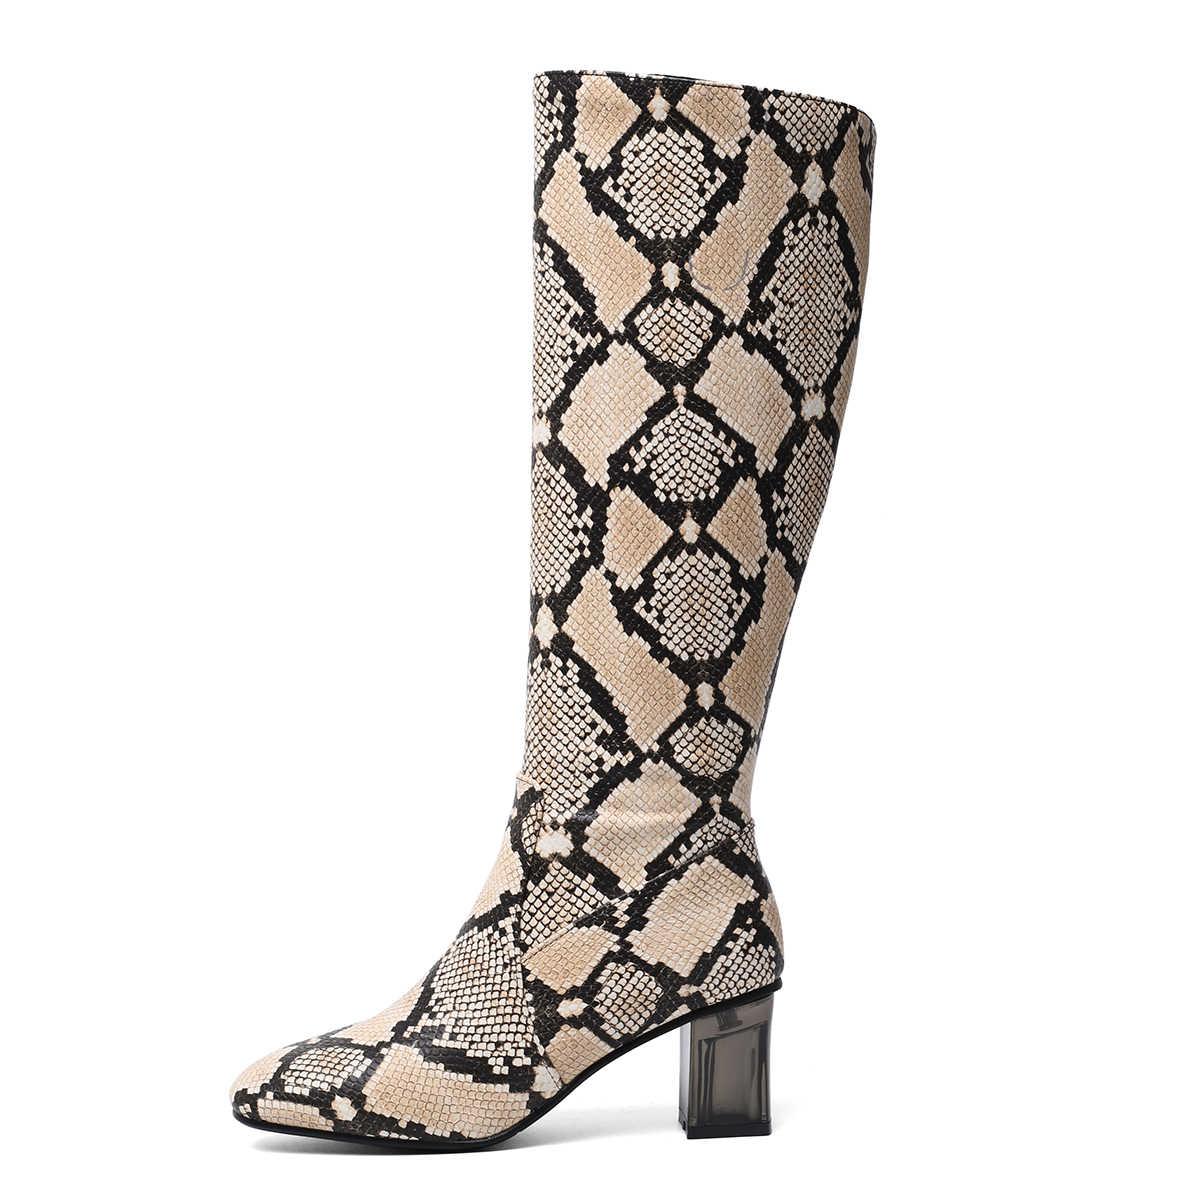 เสือดาวพิมพ์งูเข่ารองเท้าบูทสูงสำหรับผู้หญิง Chunky Heel รอบ Toe รองเท้าผู้หญิง 2019 ซิปฤดูหนาวรองเท้าบูทยี่ห้อรองเท้าสีดำ